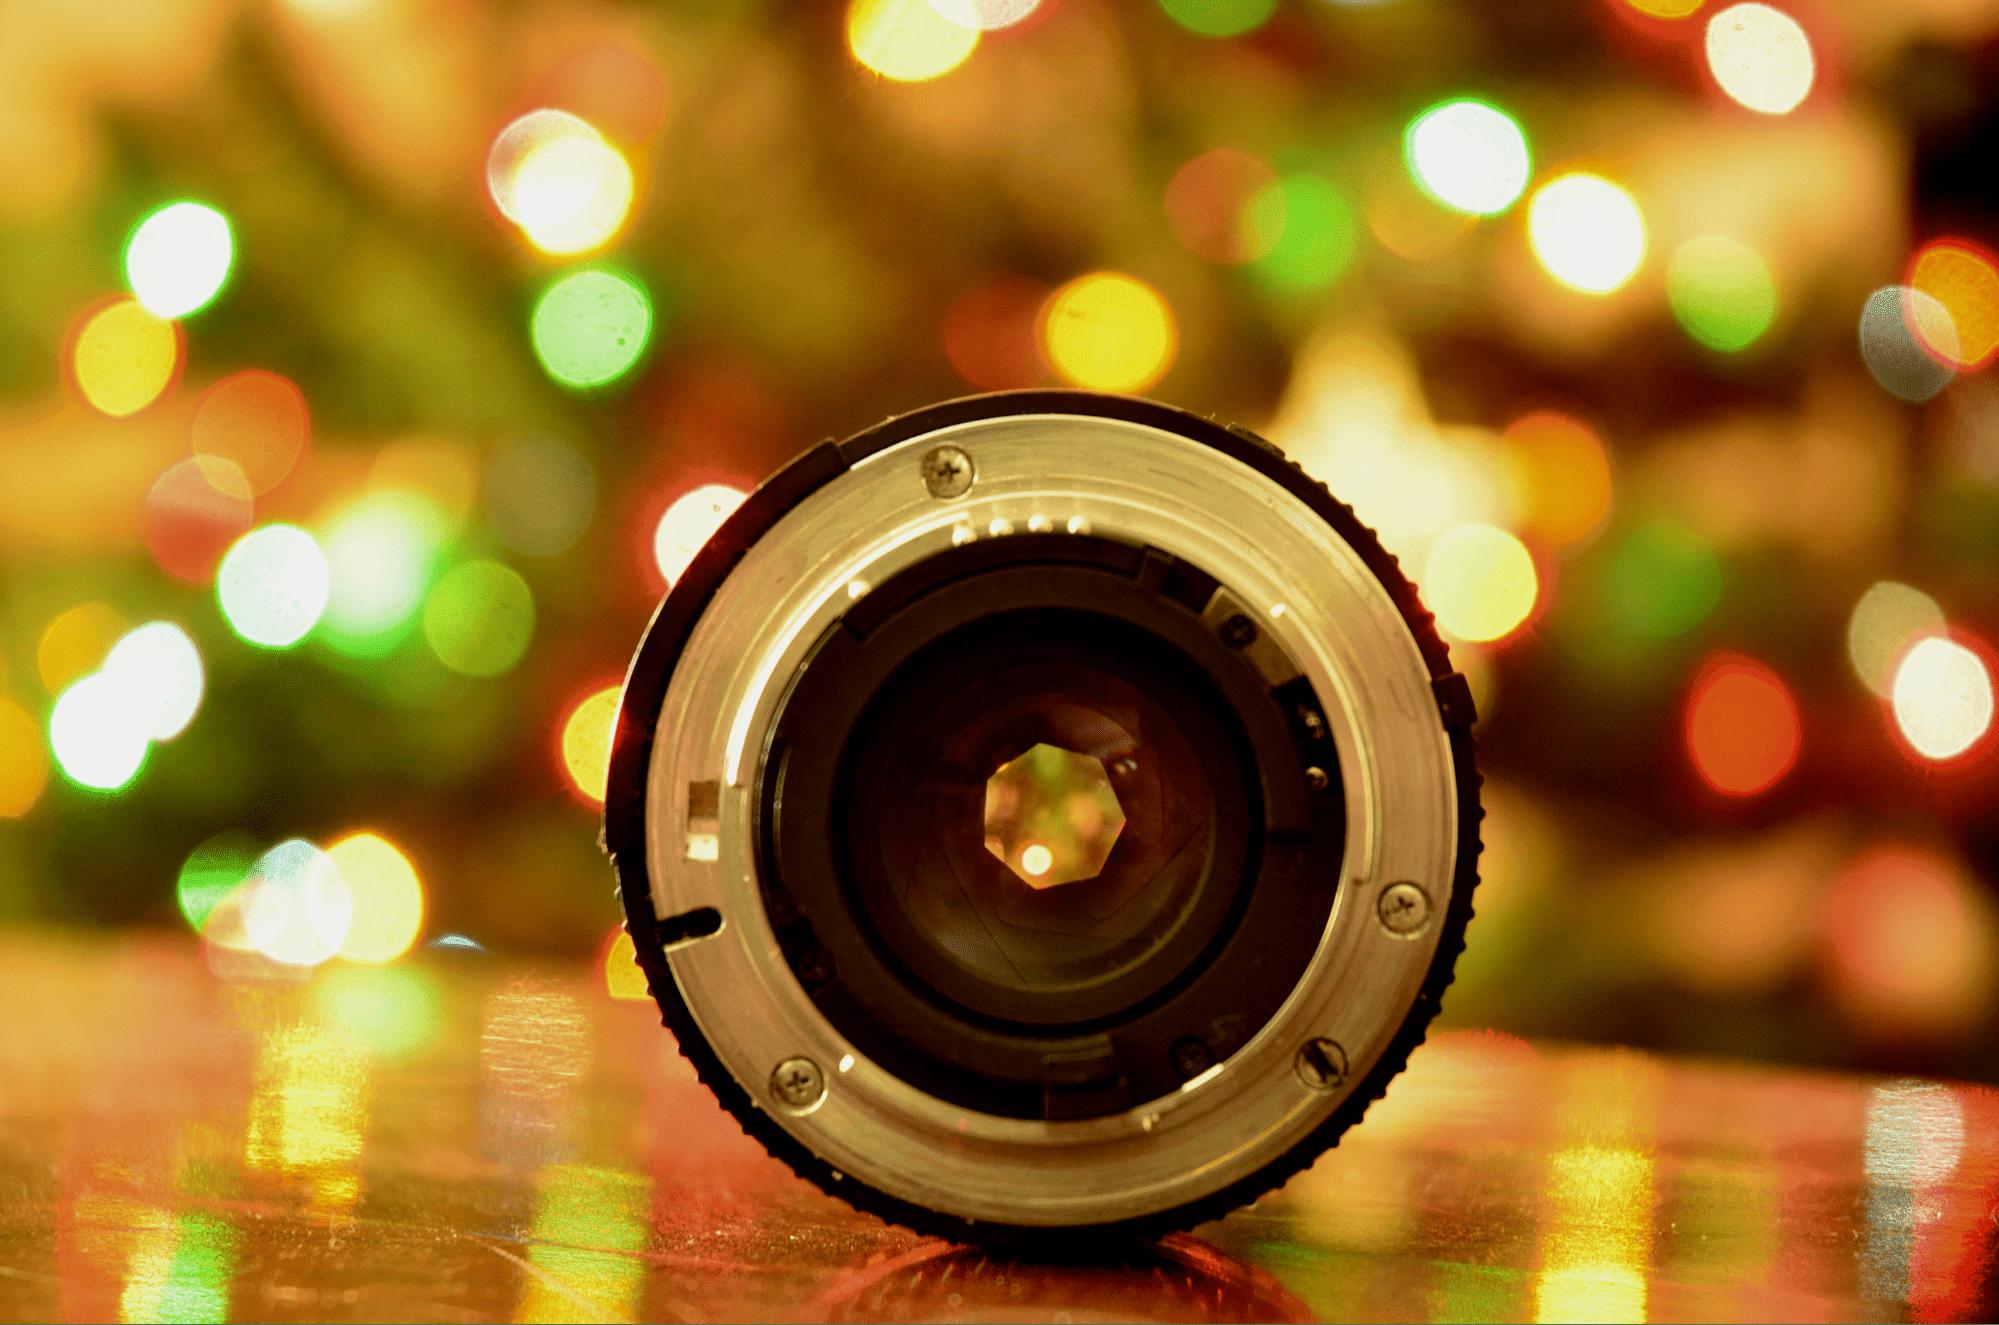 7 Blade Aperture lens